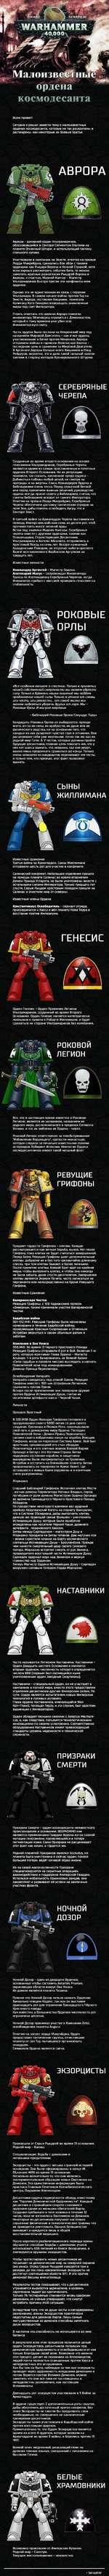 SERAPH.W MIR ордена космодесанта Всем привет! Сегодня я решил завести тему о малоизвестных орденах космодесанта, которые не так раскручены и распиарены, как некоторые их боевые братья. АВРОРА Аврора - дочерний орден Ультрамаринов, обосновавшийся в Секторе Сегментум Ультима на планете Огненны